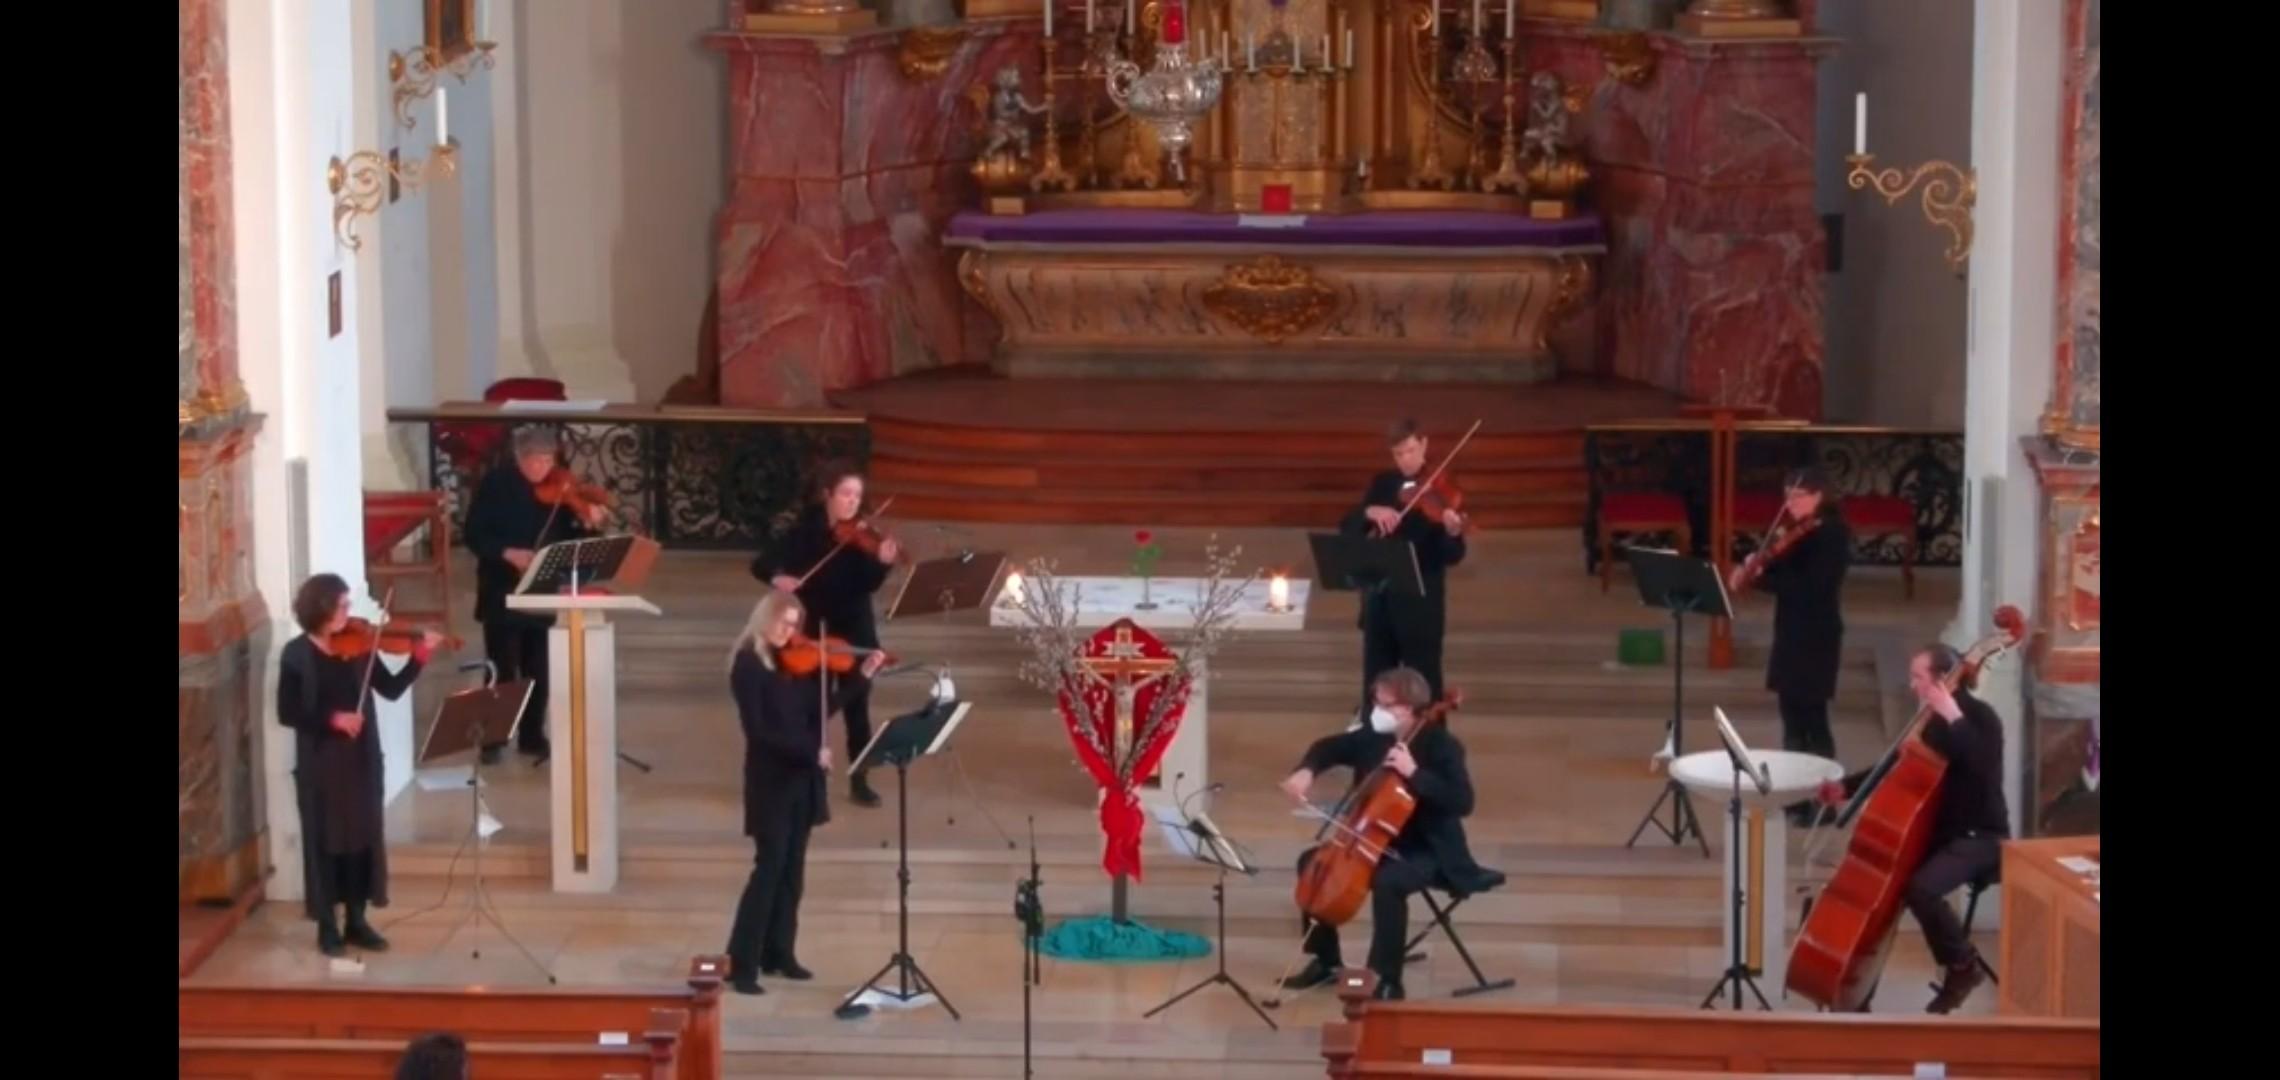 Kirchenmusikalische Andacht zur Einstimmung in die Karwoche